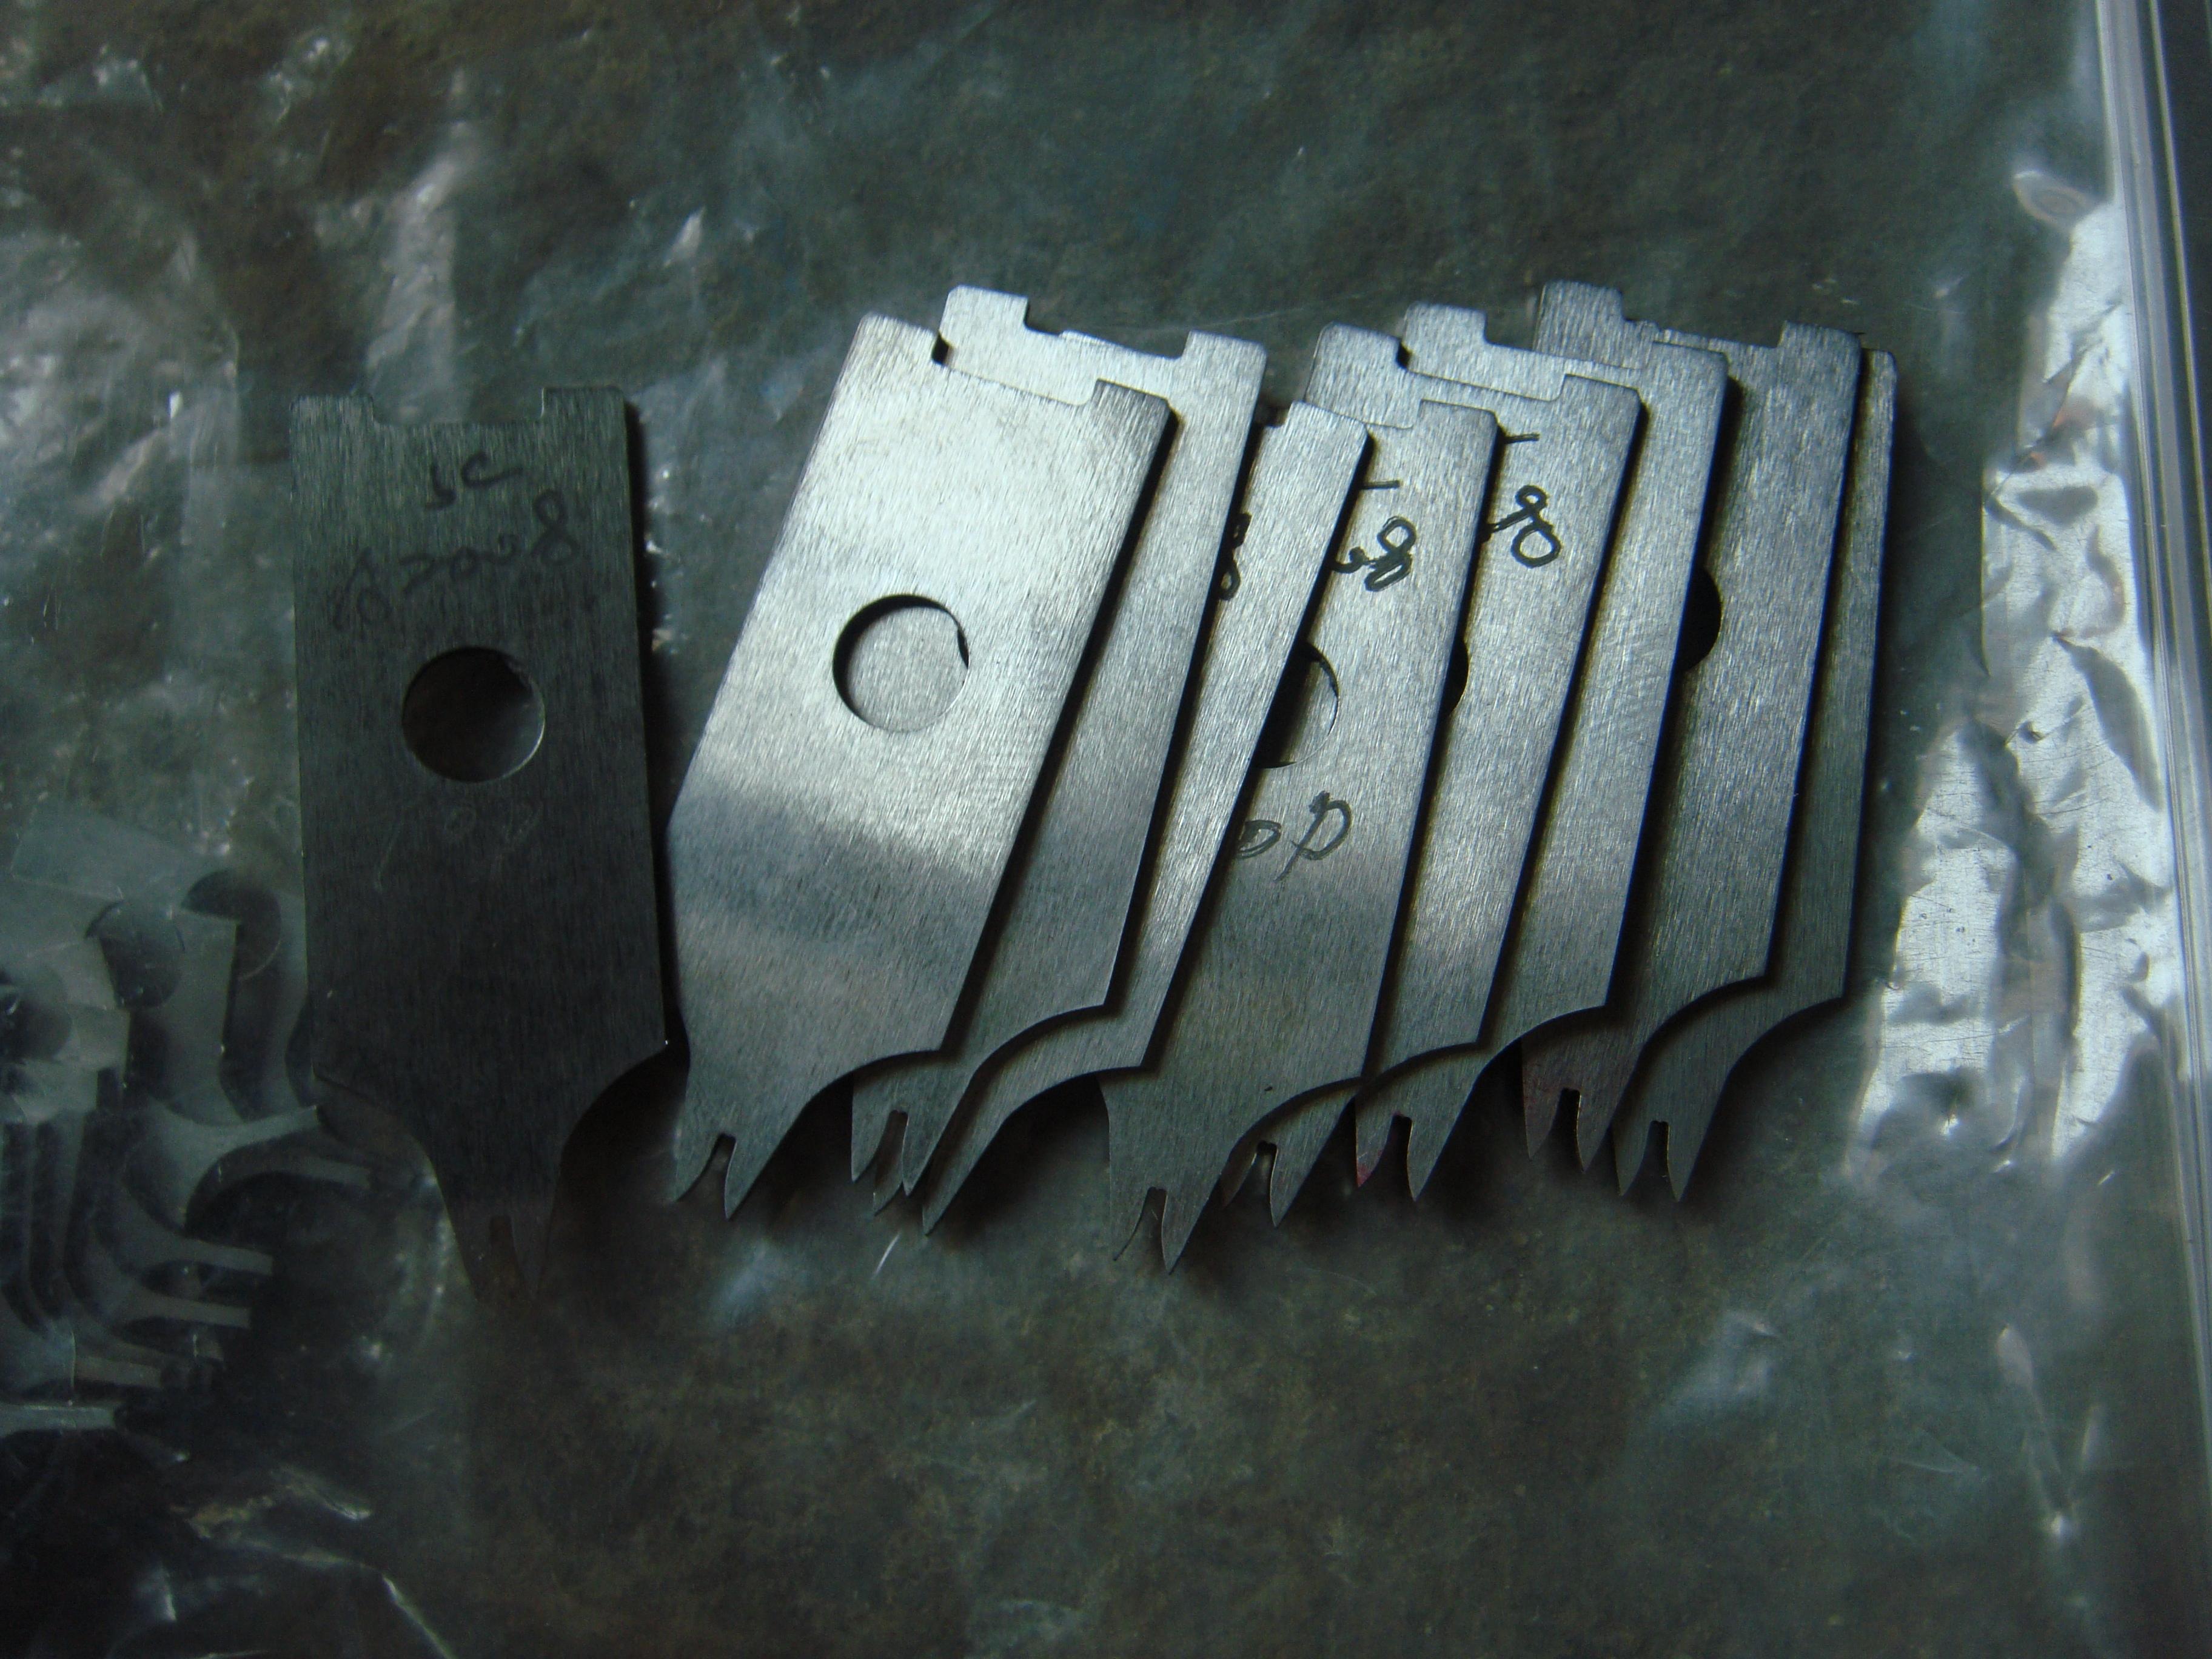 供应天津端子机刀片裁线机剥皮机刀片——端子机刀片加工制作